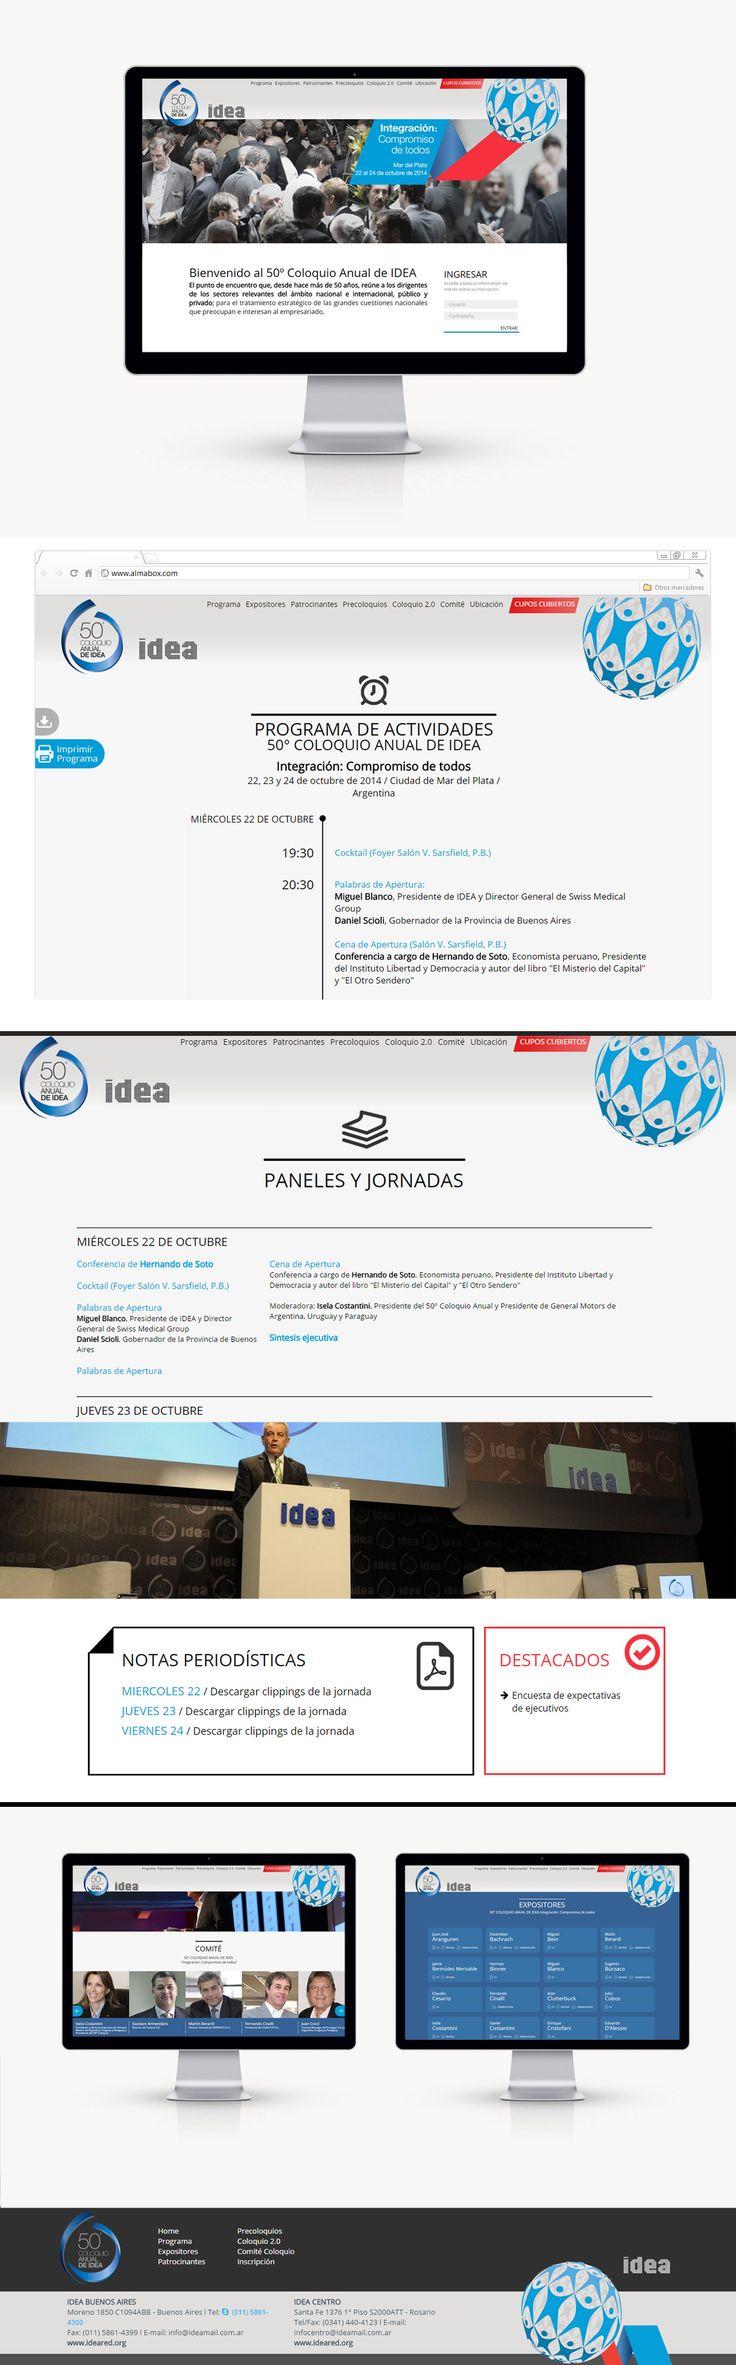 Por sexta vez consecutiva, nos eligieron para diseñar y hacer el soporte tecnológico y multimedial durante el 50º Coloquio Anual de IDEA en Mar del Plata.